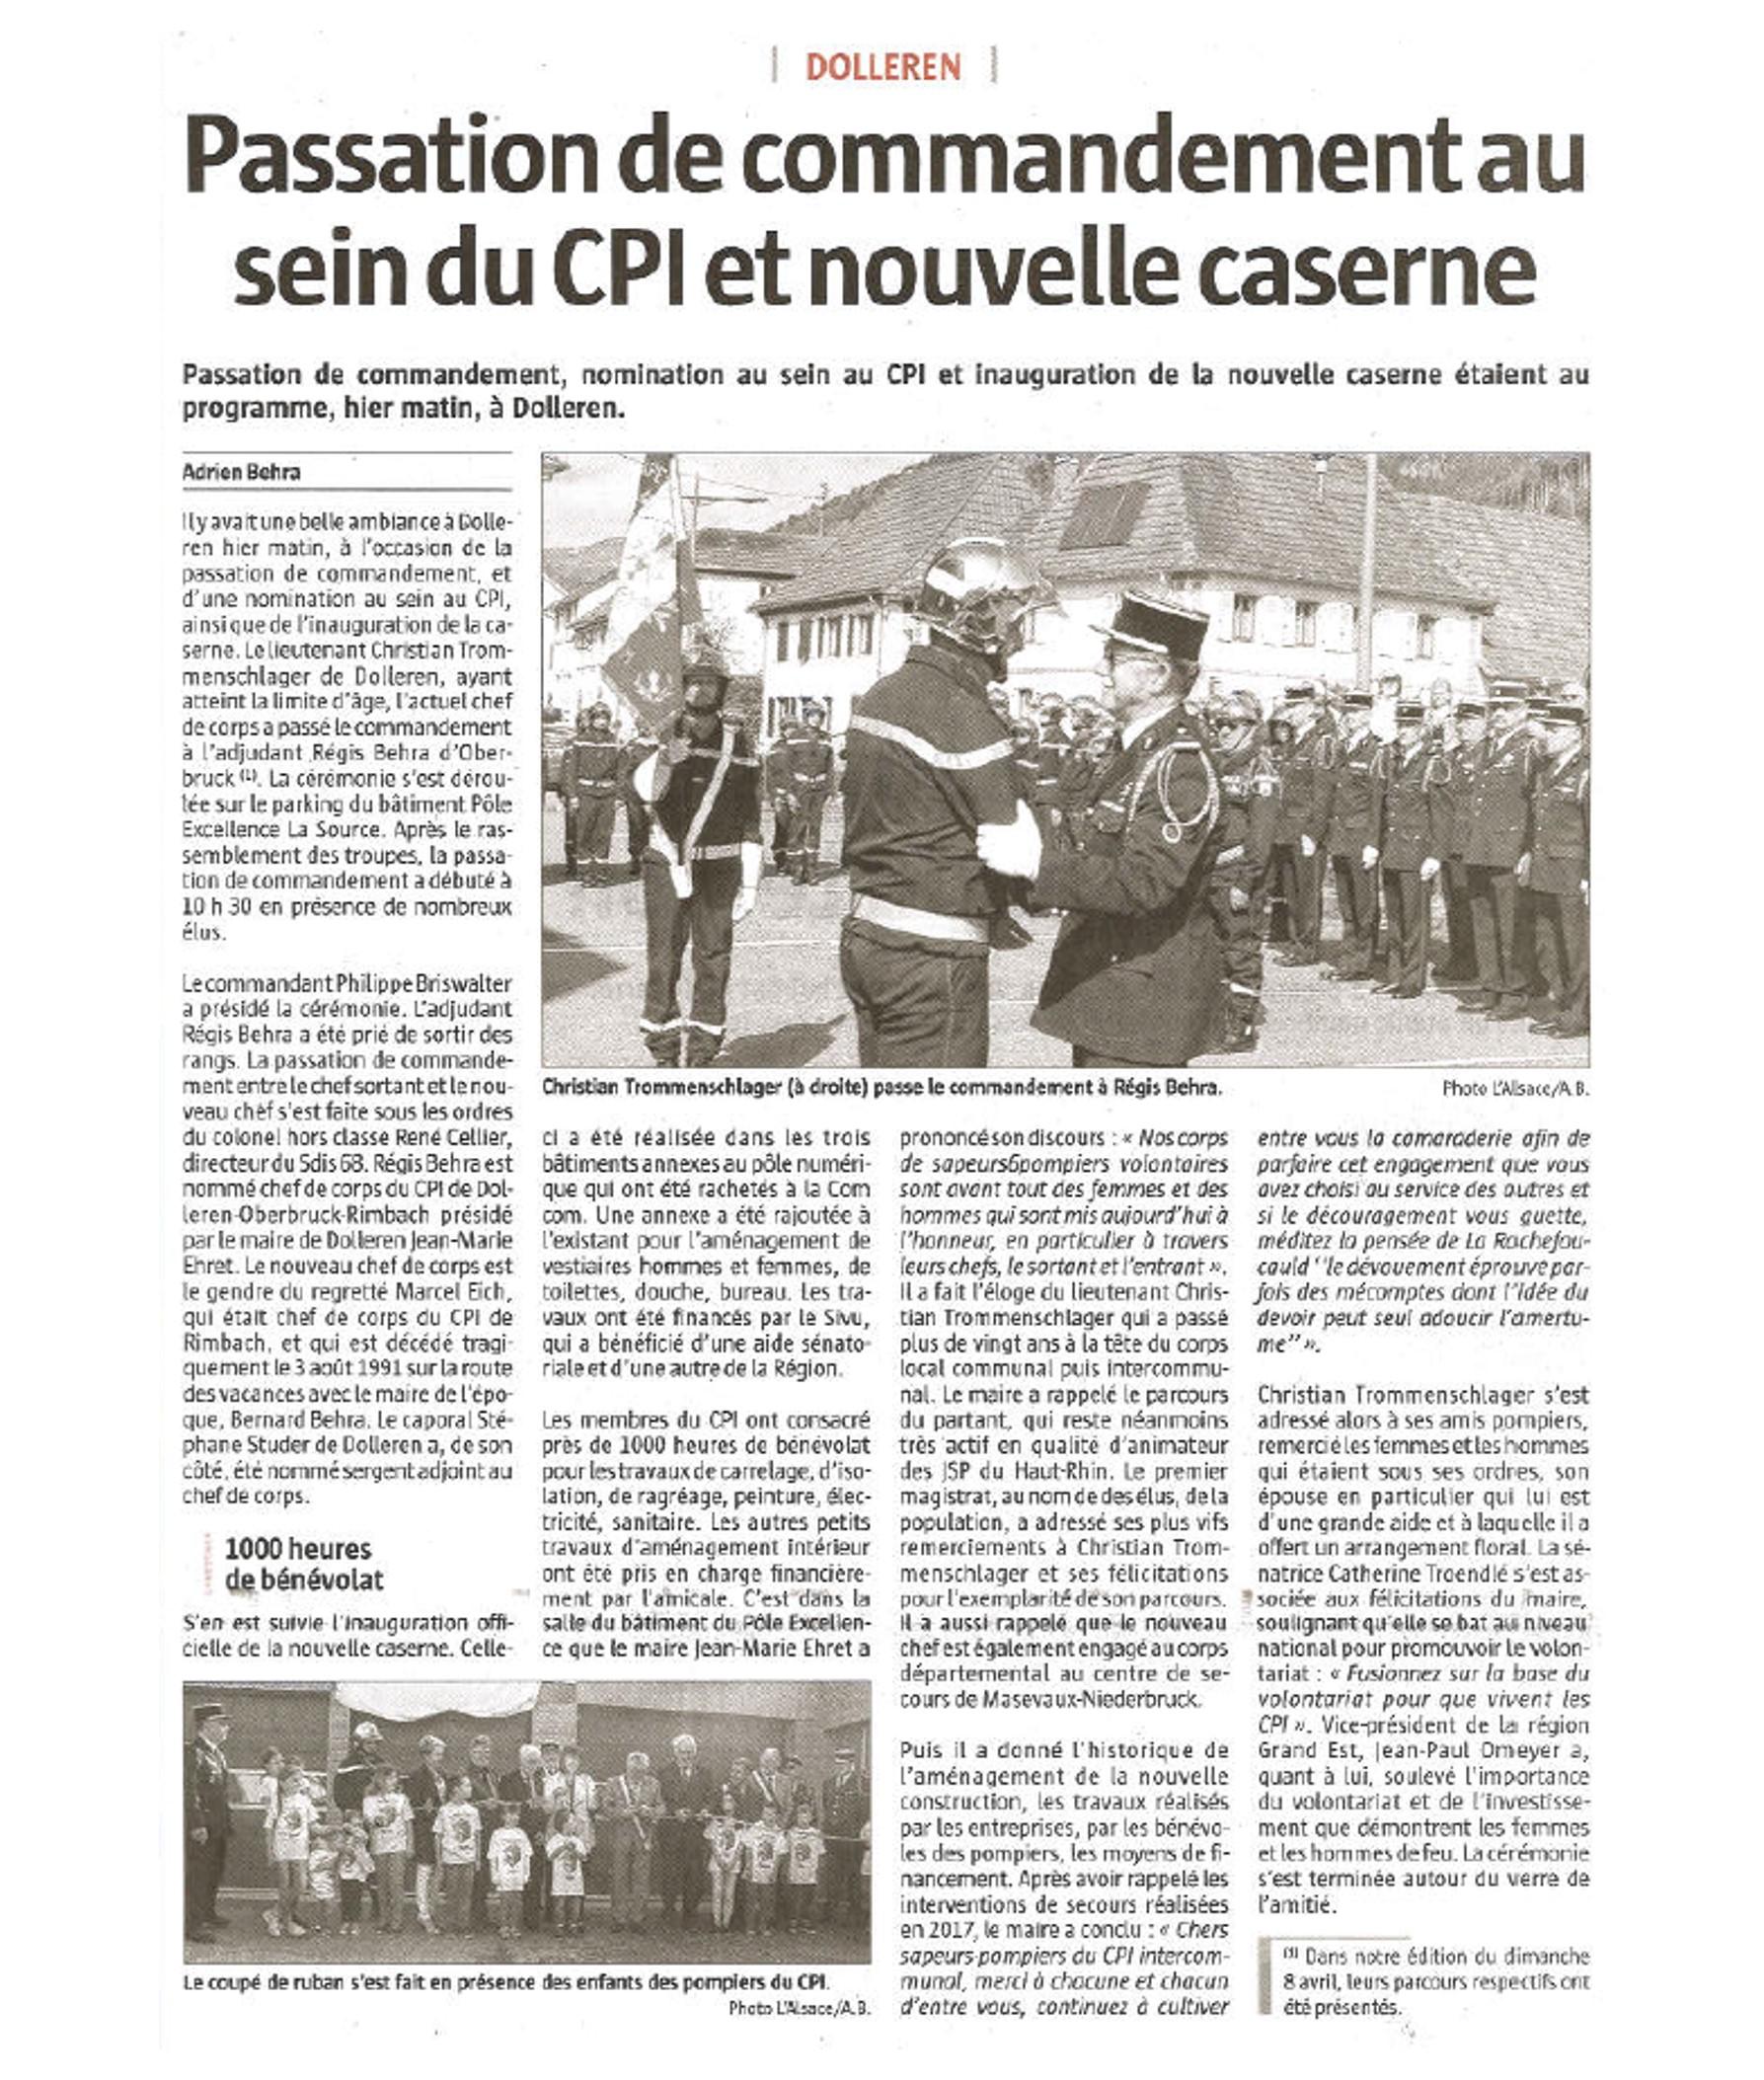 Passation de commandement au sein du CPI et nouvelle caserne - L'Alsace (16-04-2018)